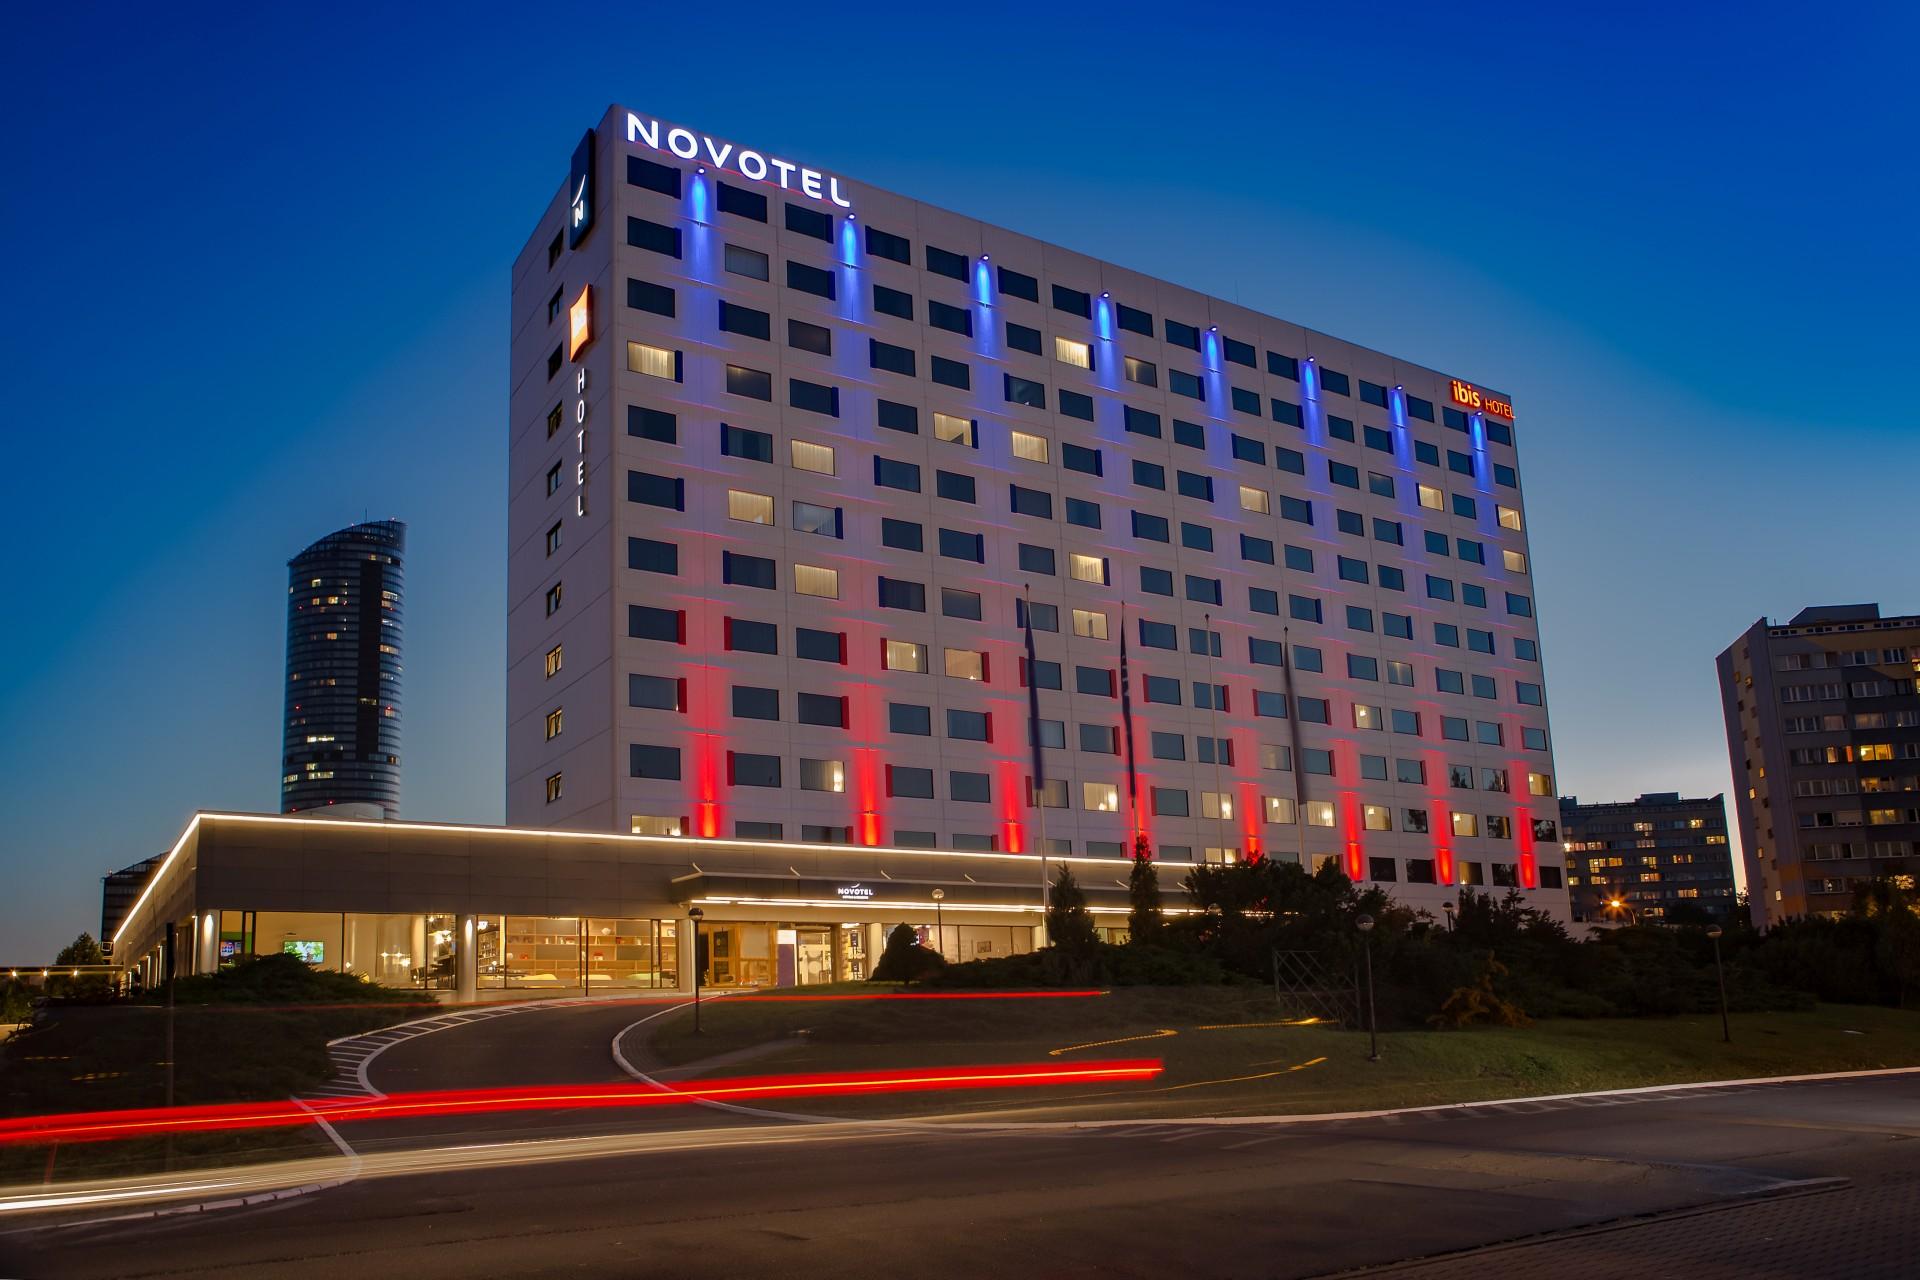 Novotel Wrocław Centrum Hotel